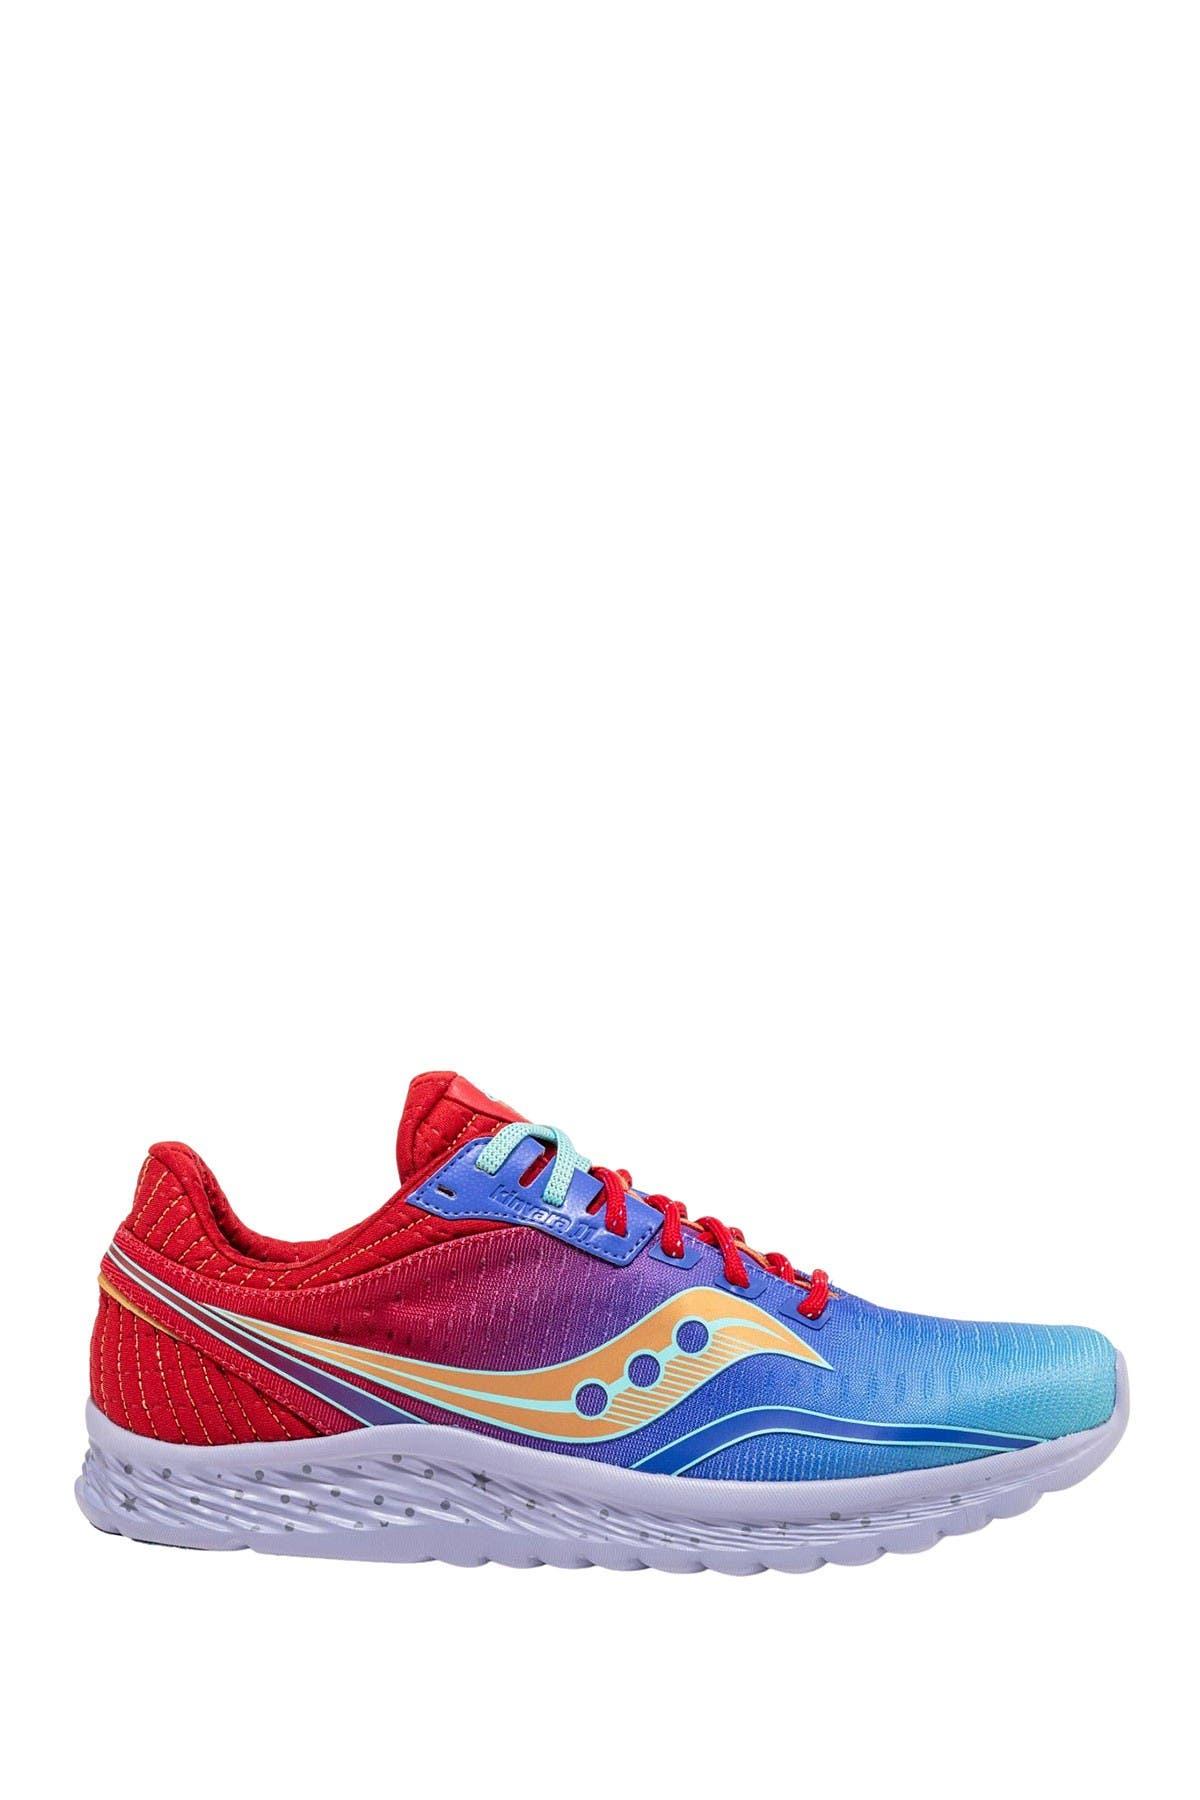 Image of Saucony Kinvara 11 Sneaker